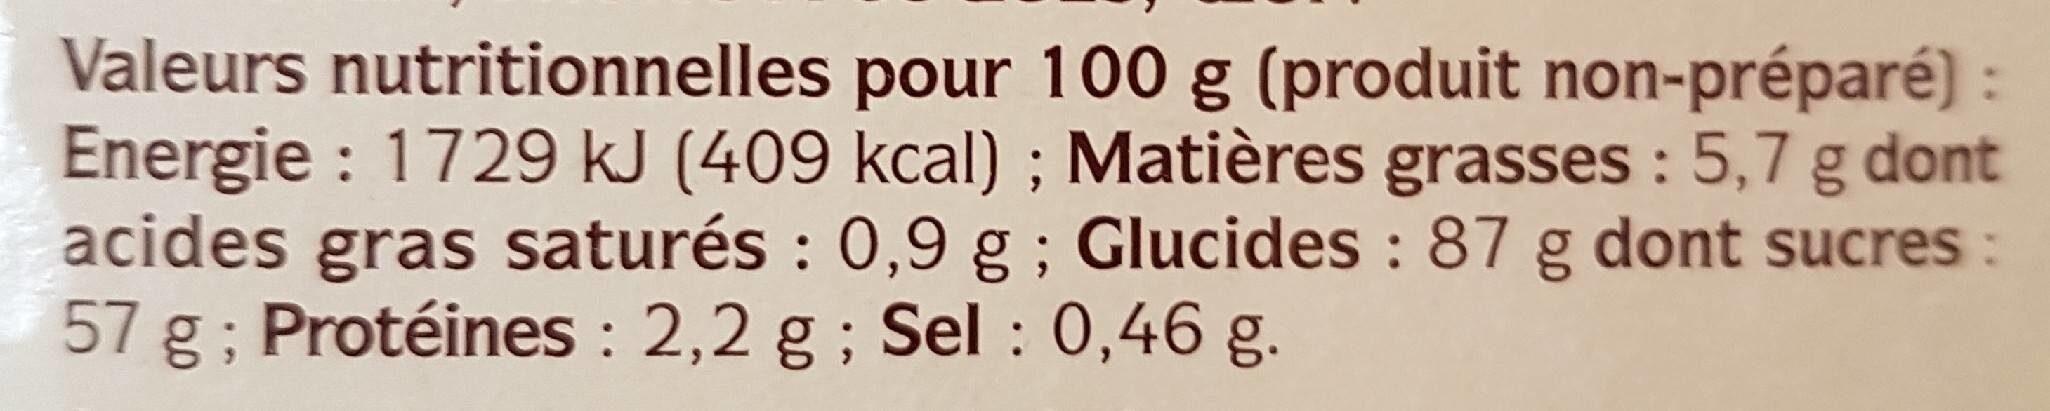 Crème pâtissière à froid Premium - Informations nutritionnelles - fr